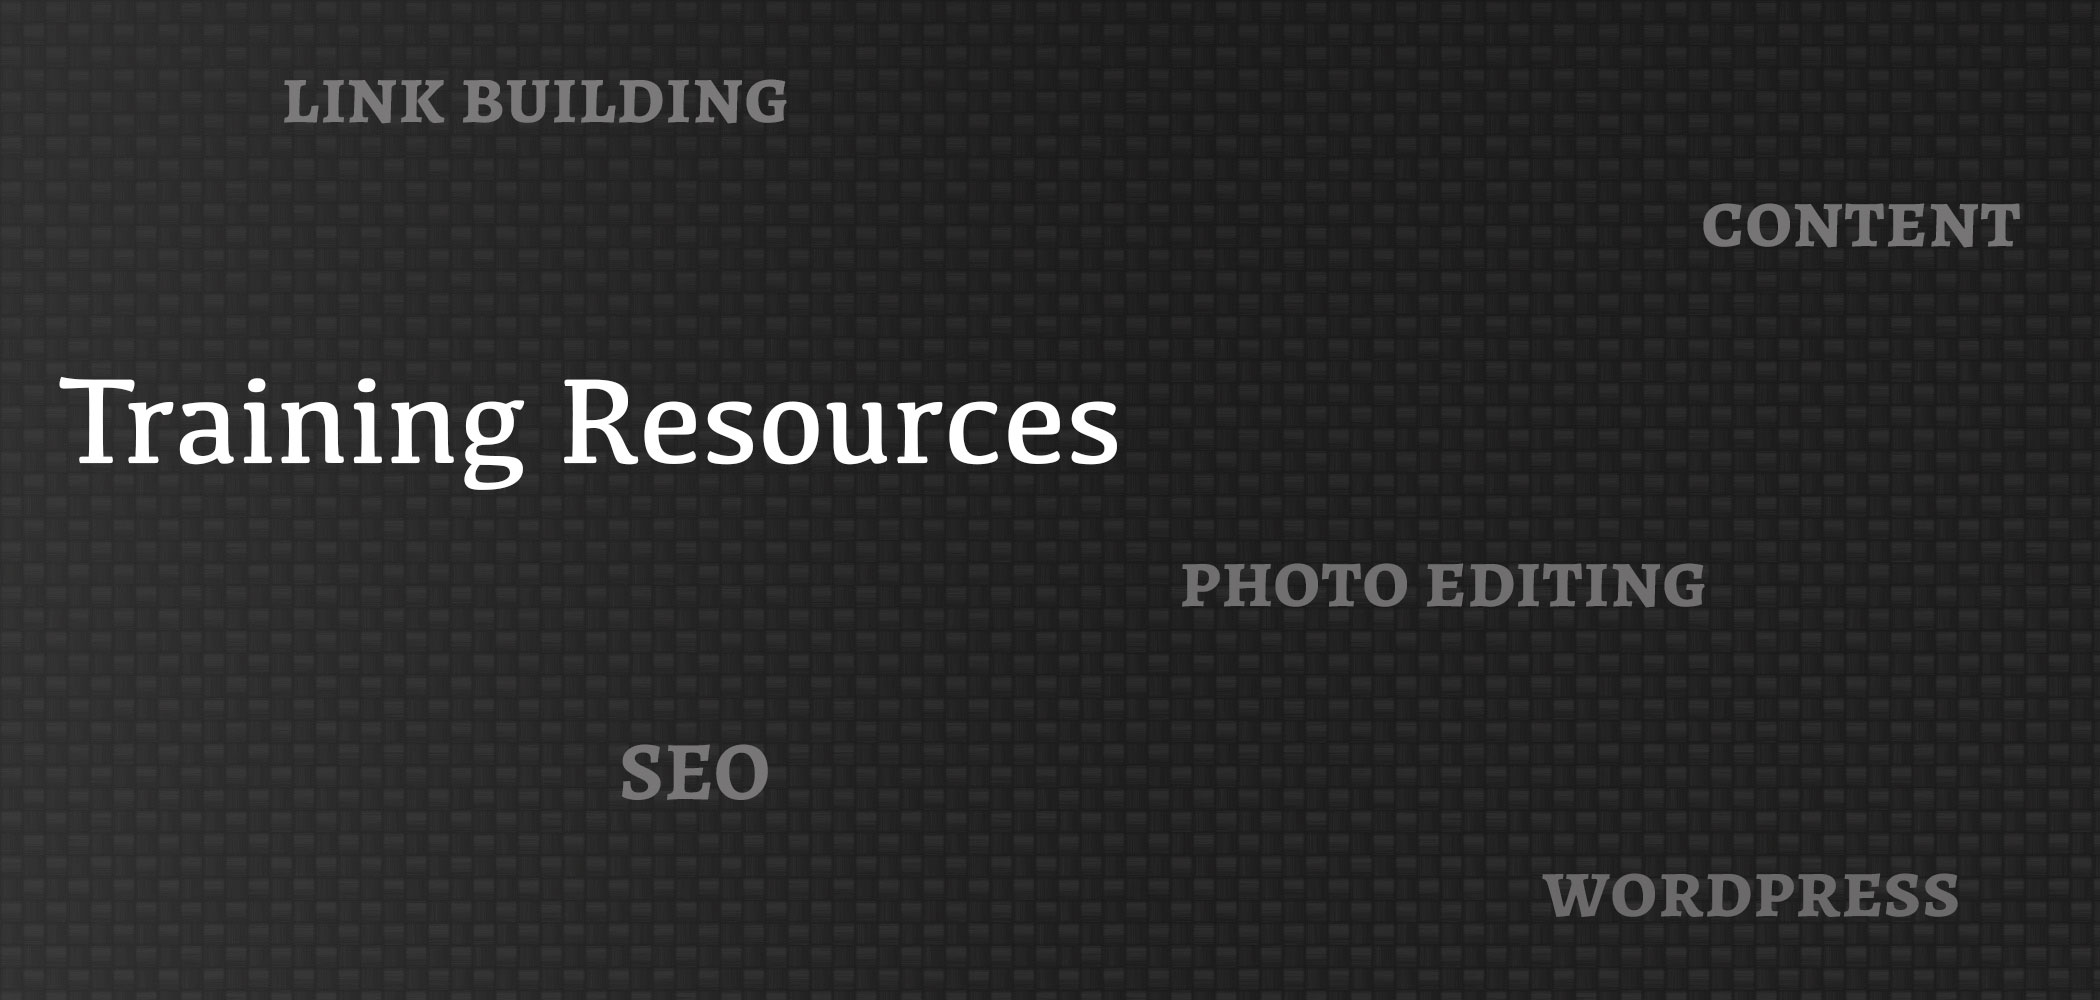 seo wordpress training resource center